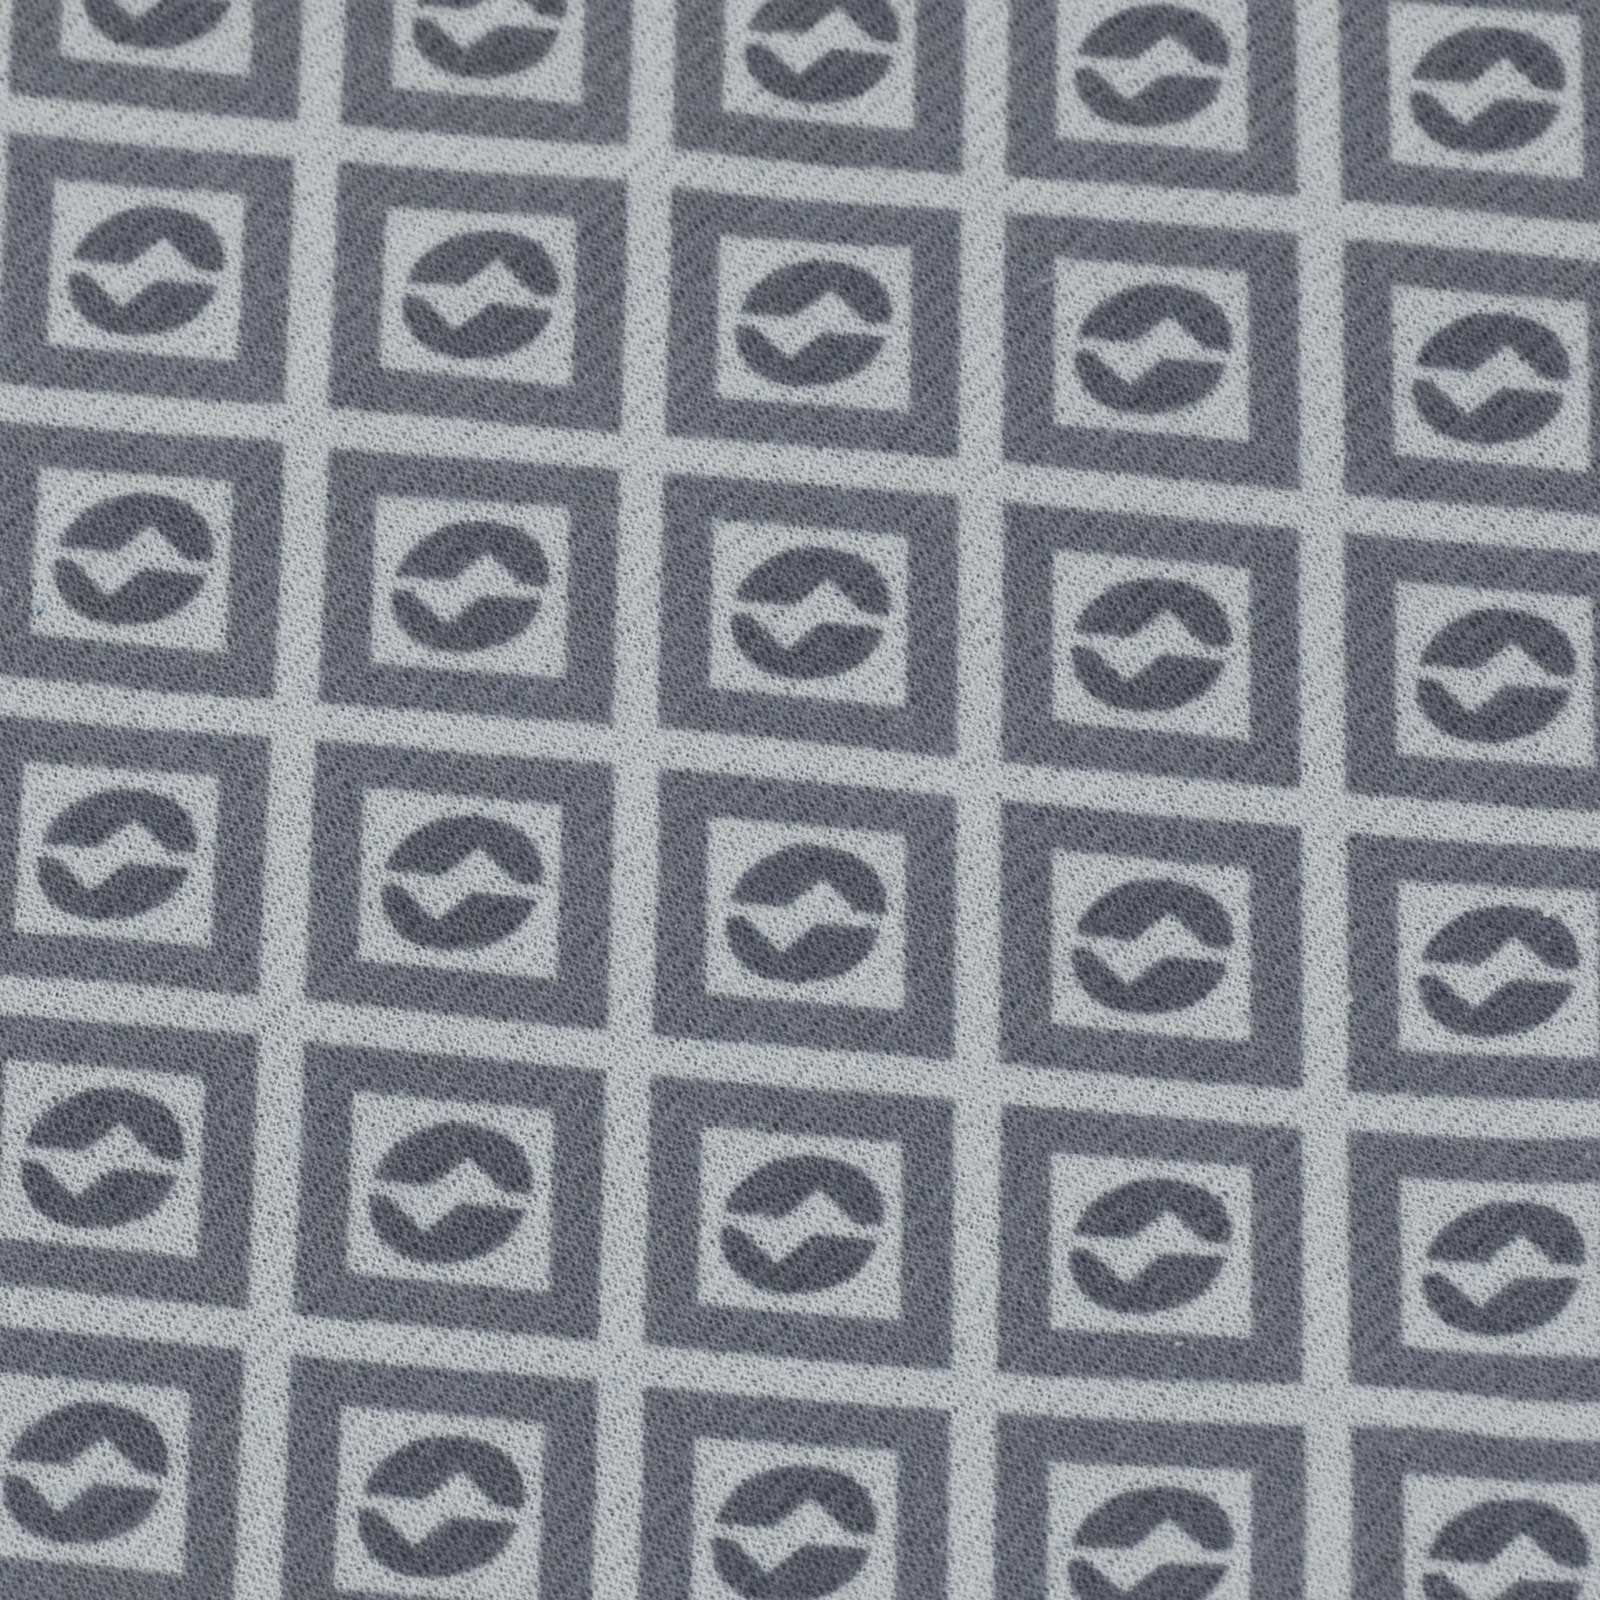 Teppich für OUTWELL Rockwell 3 Zelt Zeltteppich Campingteppich Fleece Teppich